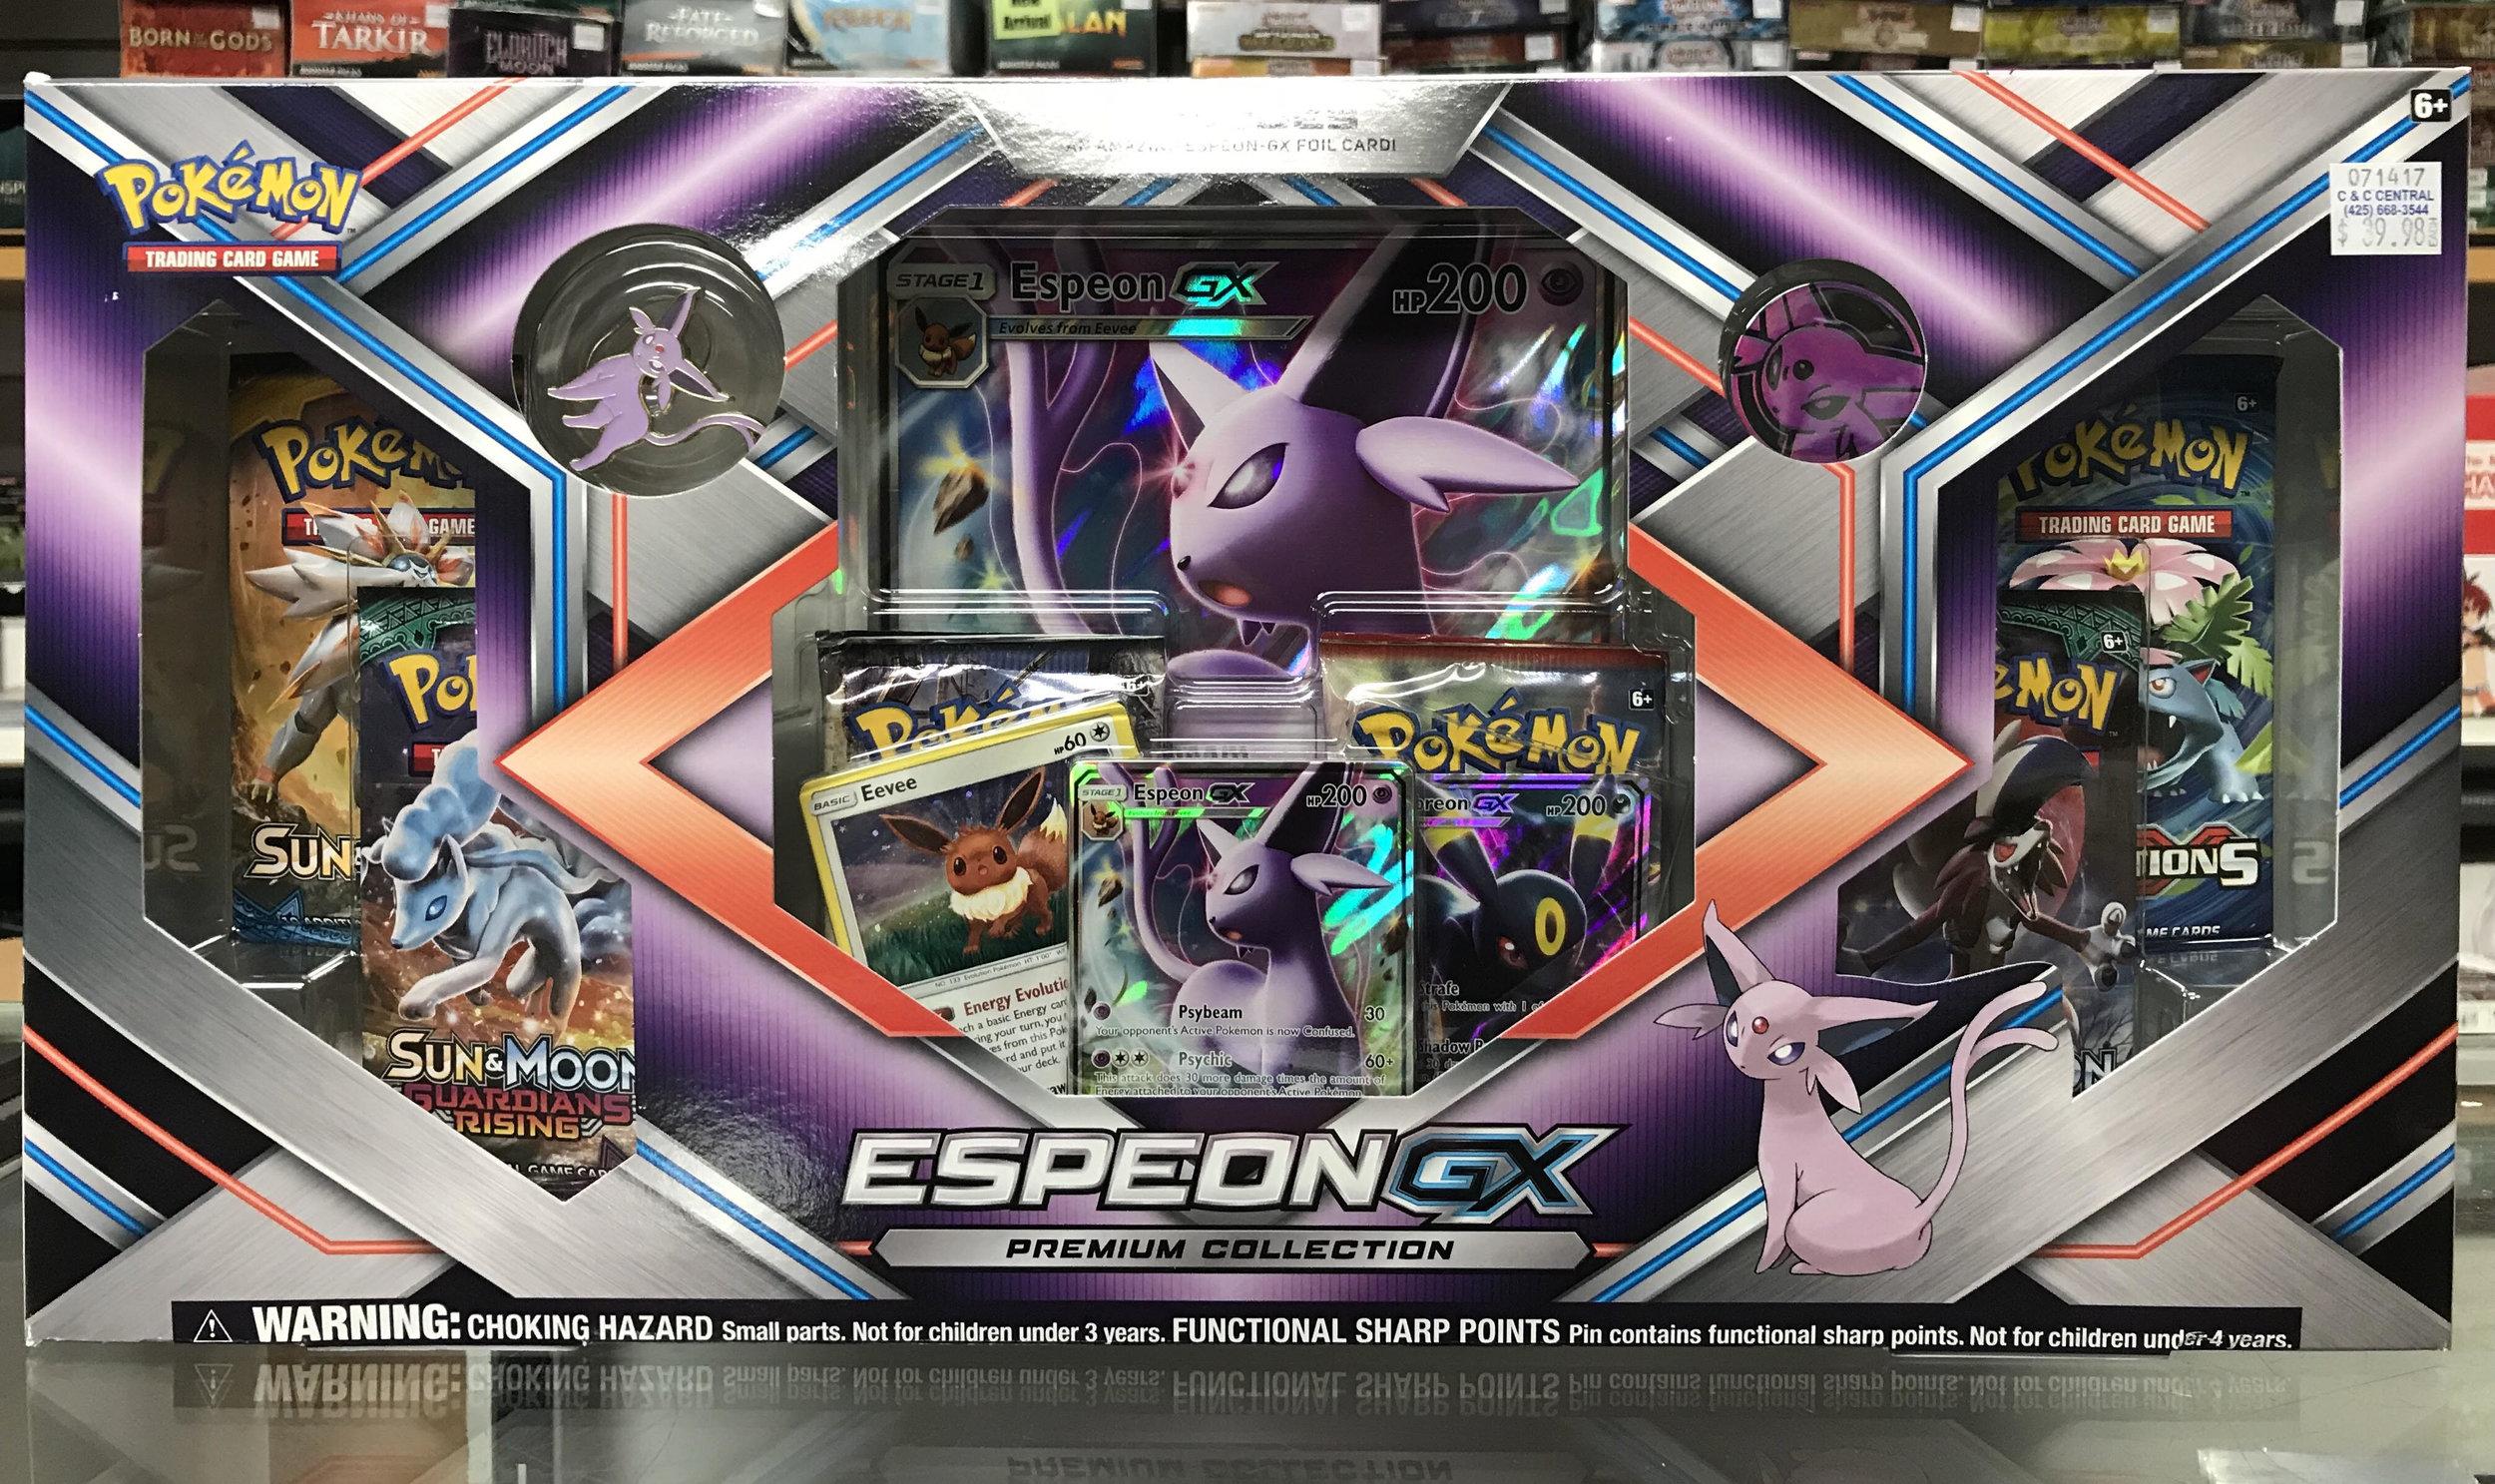 Pokemon Espeon GX gift box.